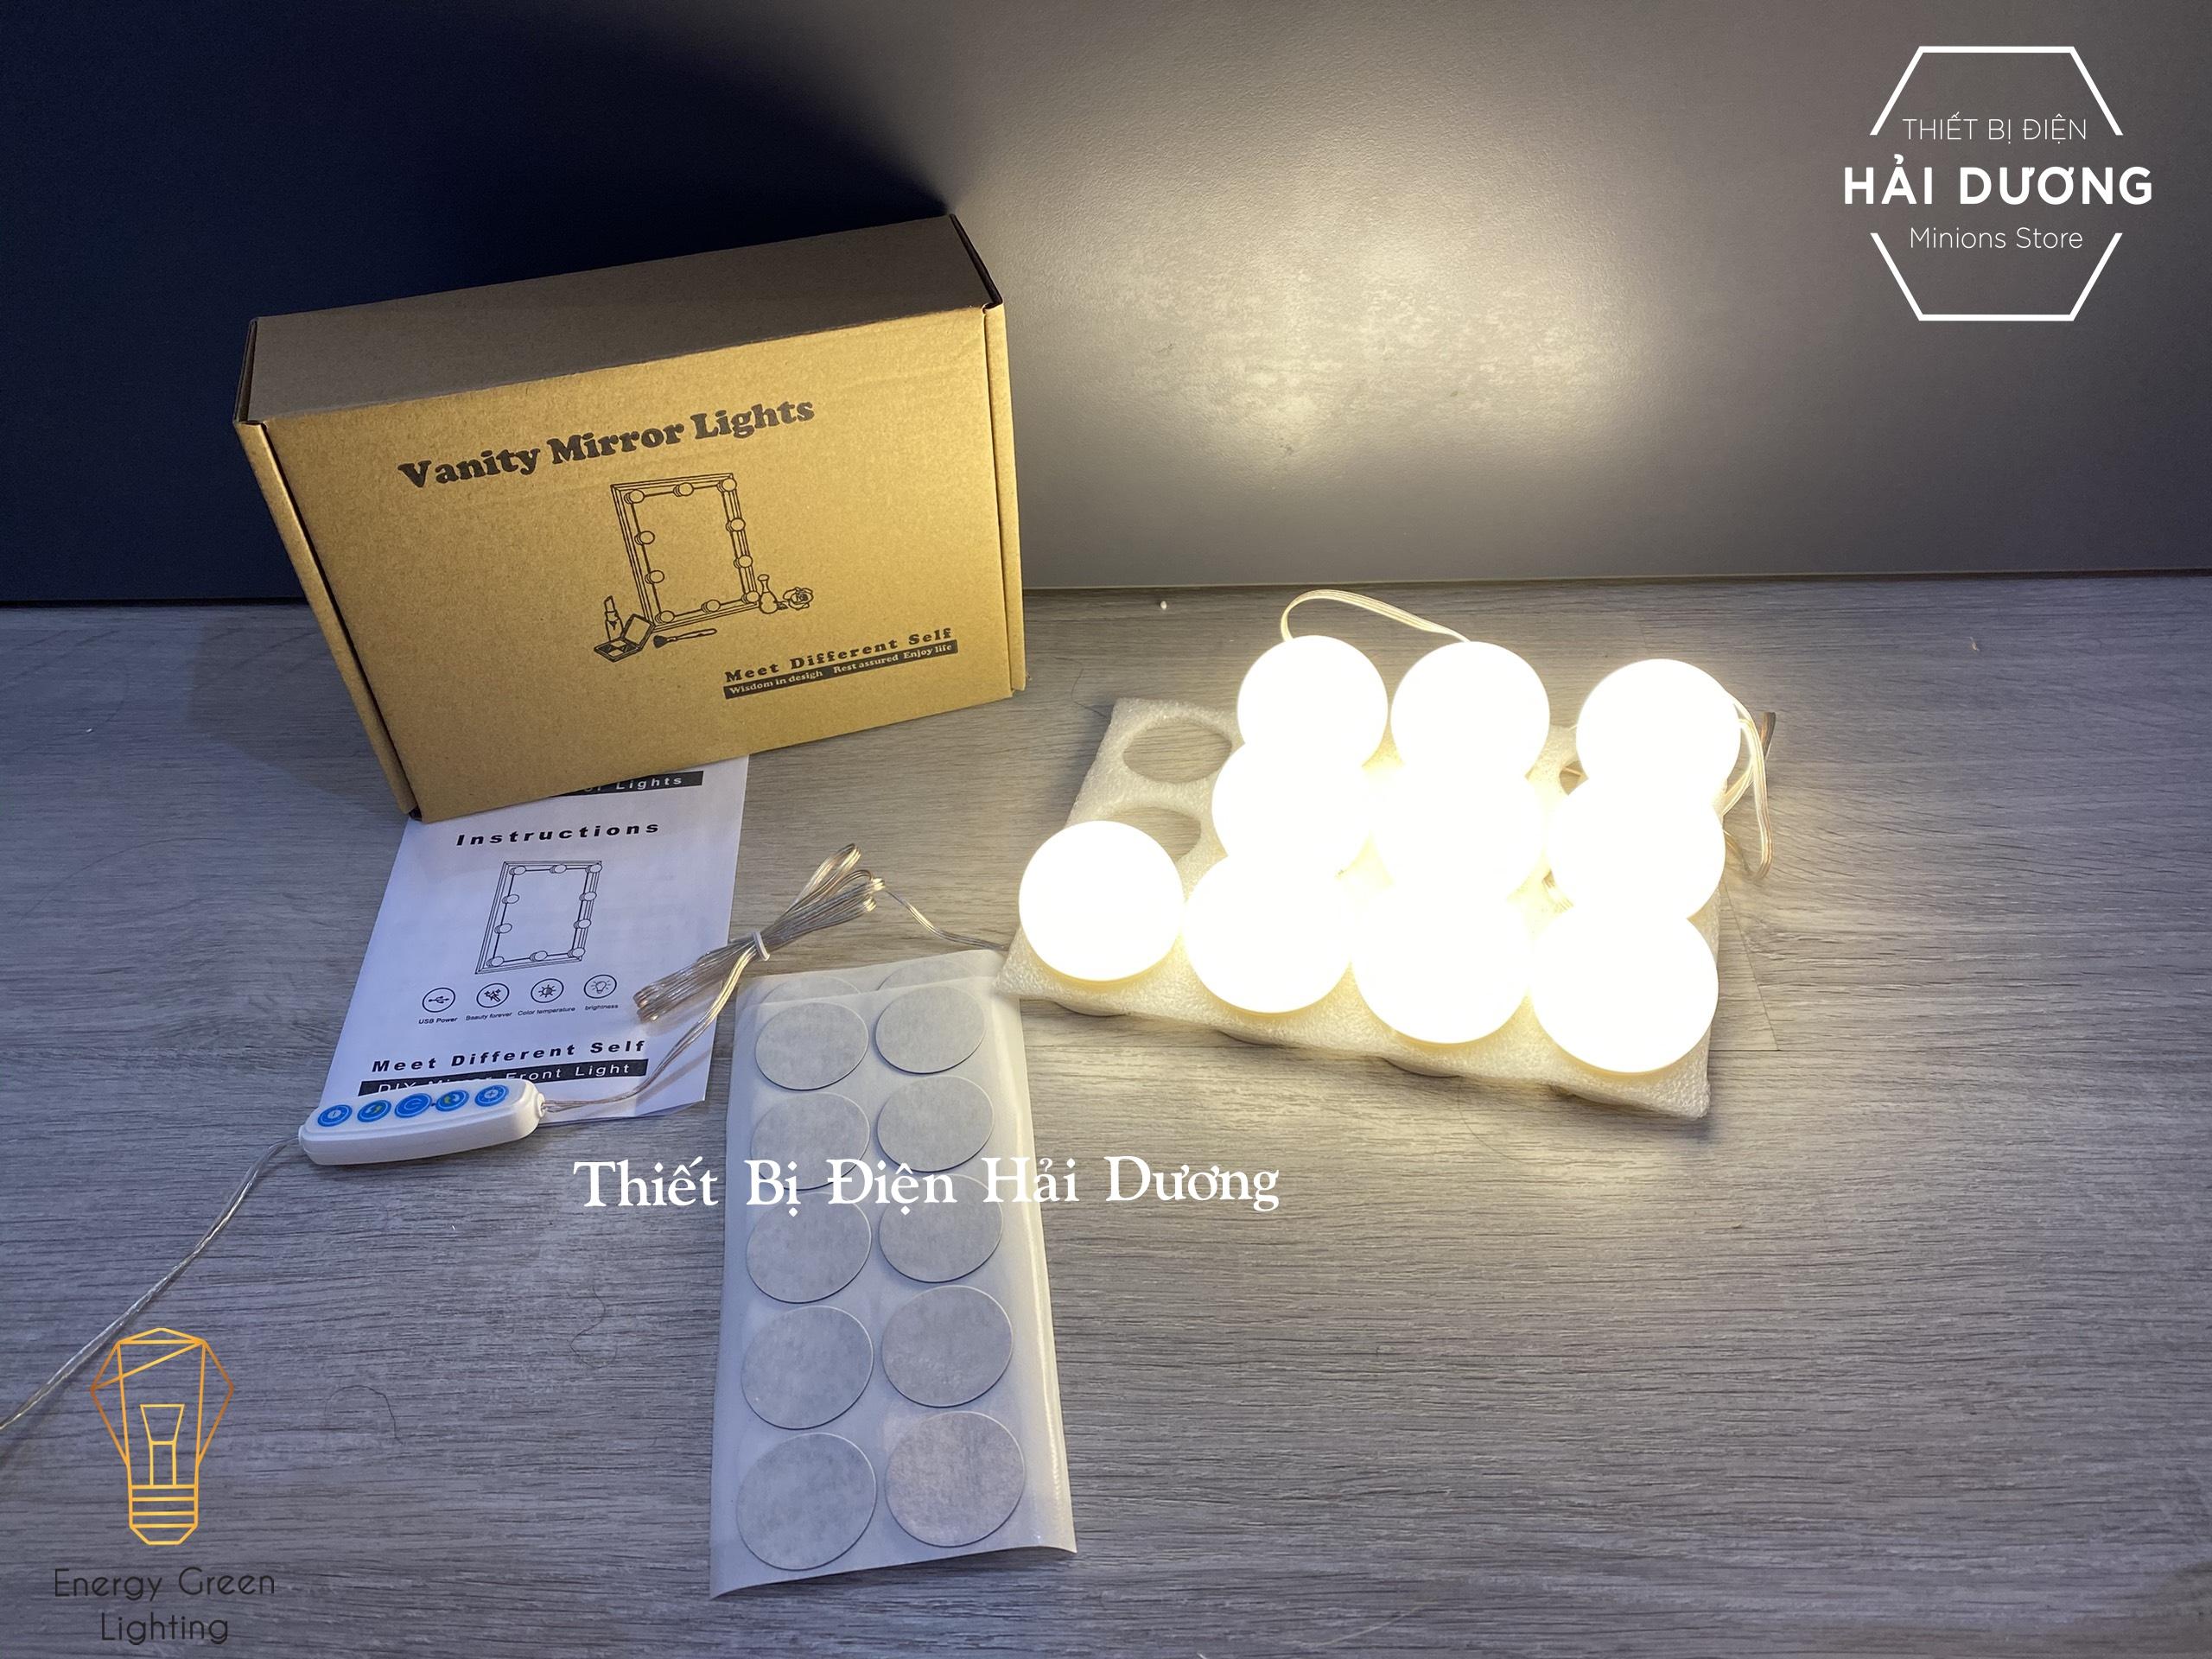 Set 10 bóng đèn LED chiếu sáng gương trang điểm BL-030 - Dán gương tiện lợi - 5 chế độ sáng - Tăng giảm ánh sáng - Tặng Kèm Củ Sạc